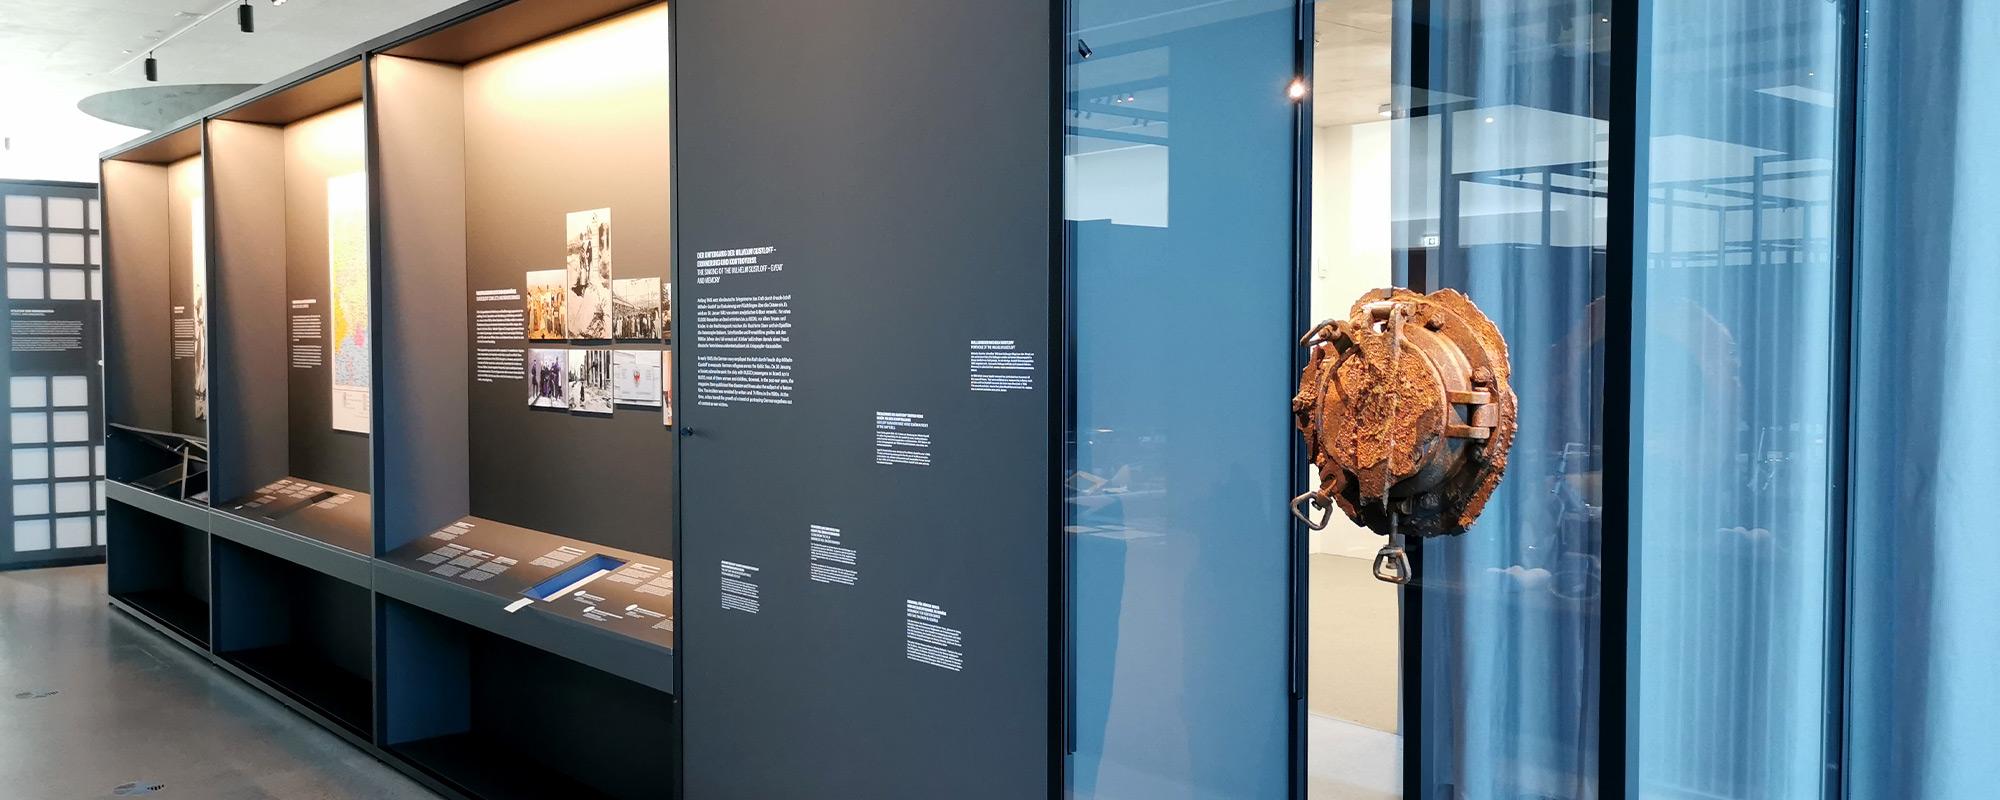 Referenzen Museumsbau